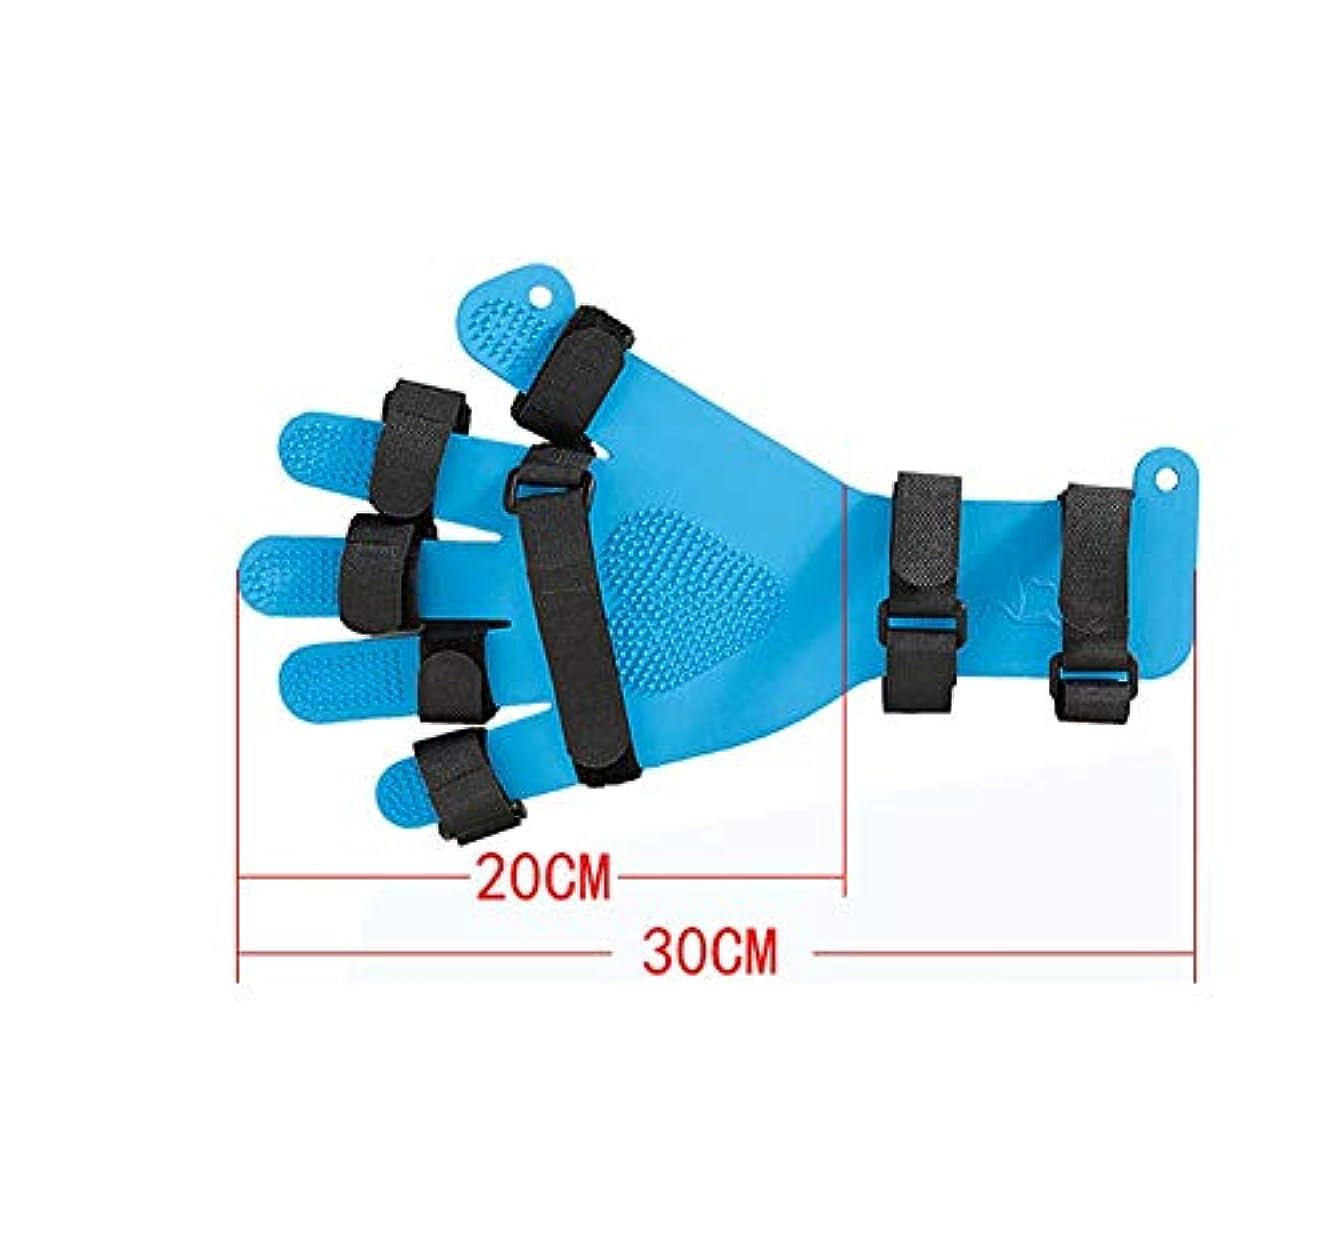 けがをする受け継ぐ護衛脳卒中HemiplegiaSpasmストローク神経障害Finge左右の区切りインソール-Adjustable指拡張ボードを指